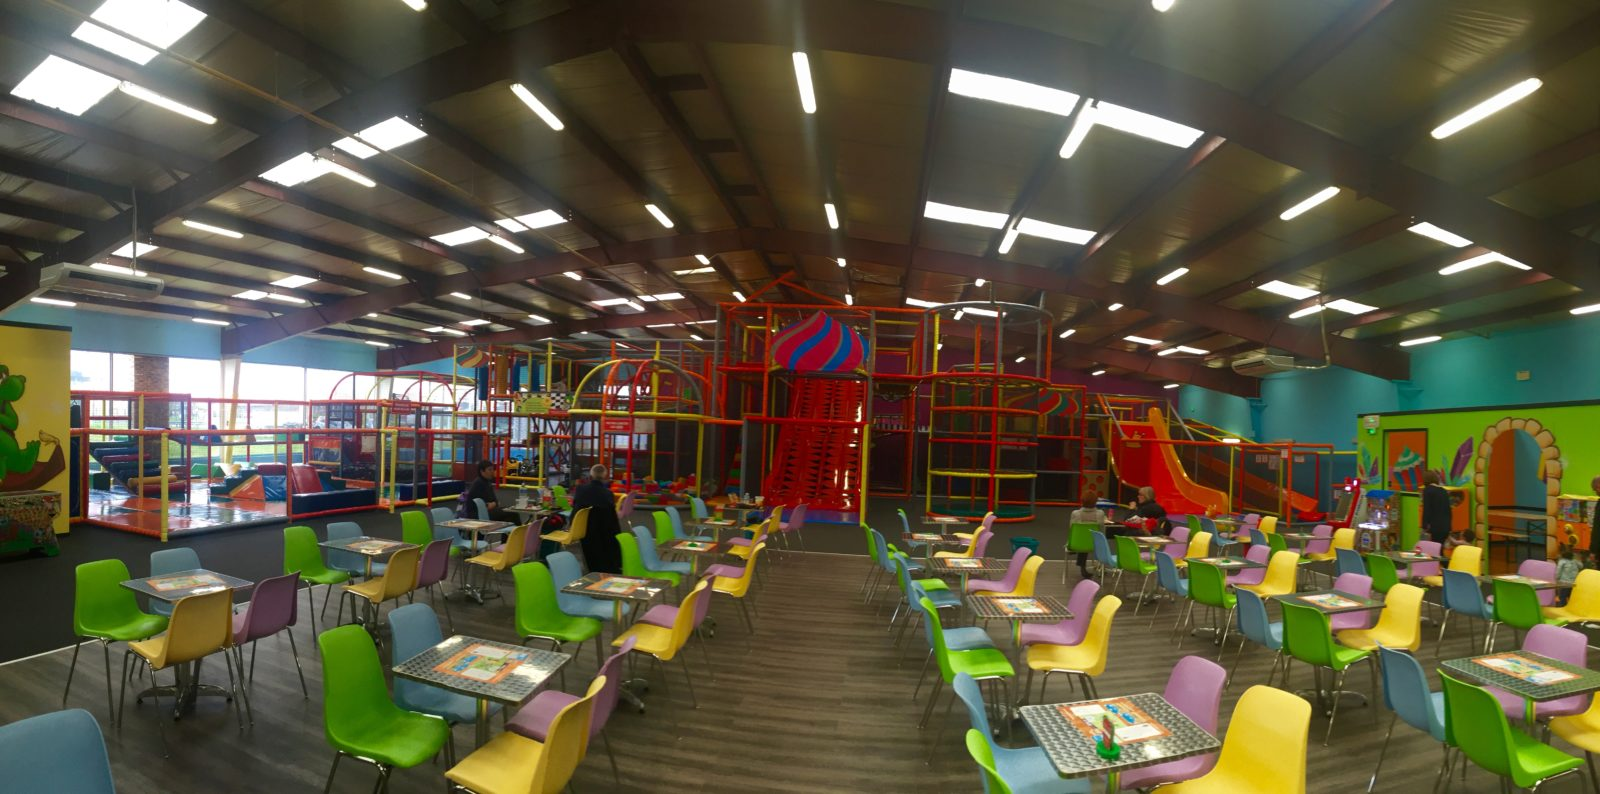 Royal kids buchelay parc de jeux g ant pour enfants for Parc de jeux yvelines